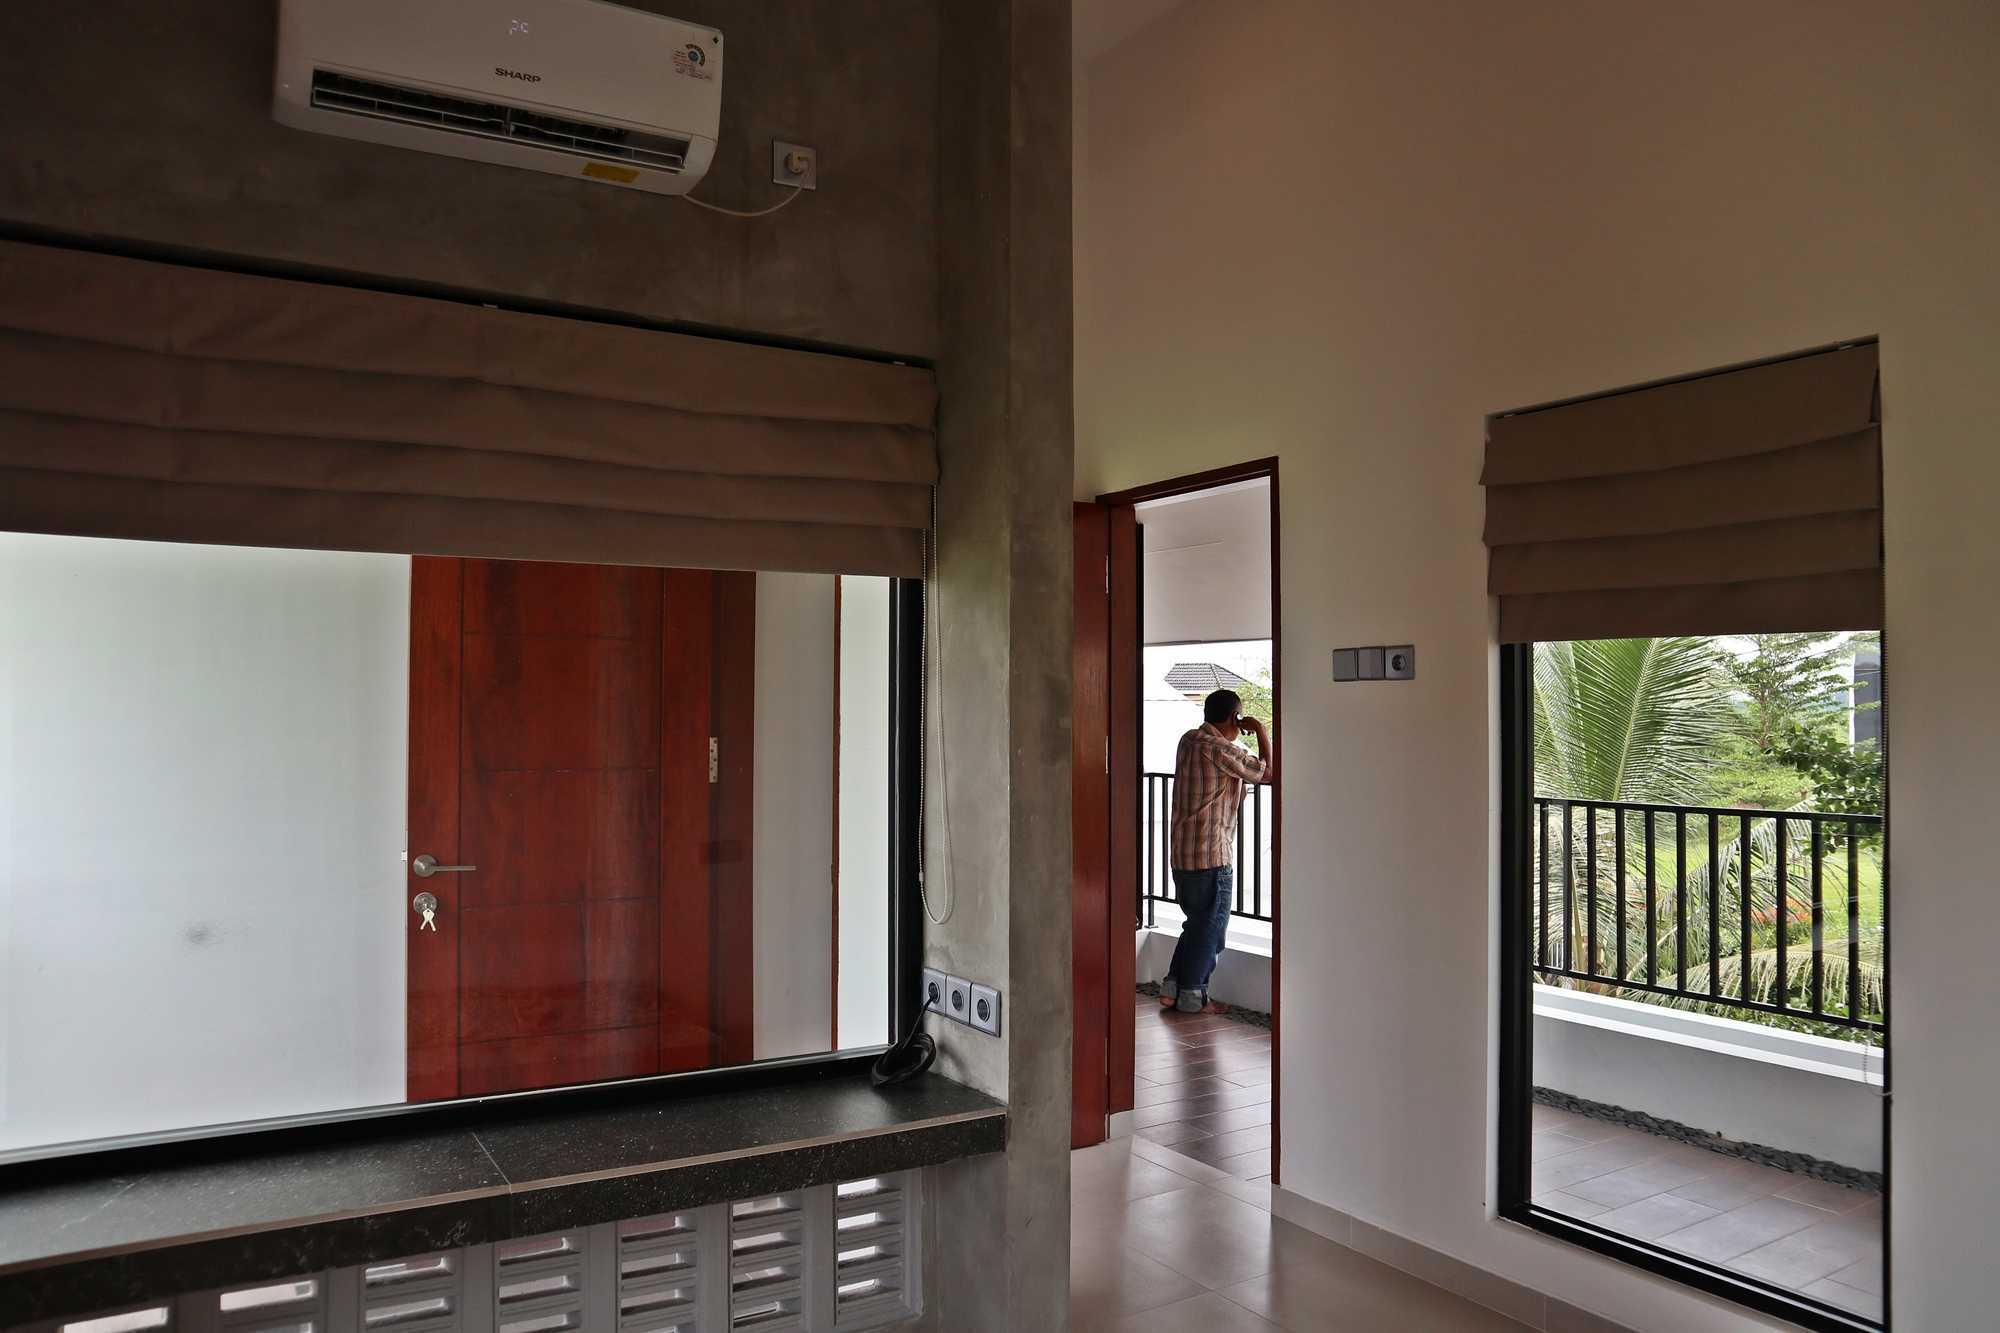 Bd Studio Je Villa House Medan, Kota Medan, Sumatera Utara, Indonesia Medan, Kota Medan, Sumatera Utara, Indonesia Bd-Studio-Je-Villa-House   74120